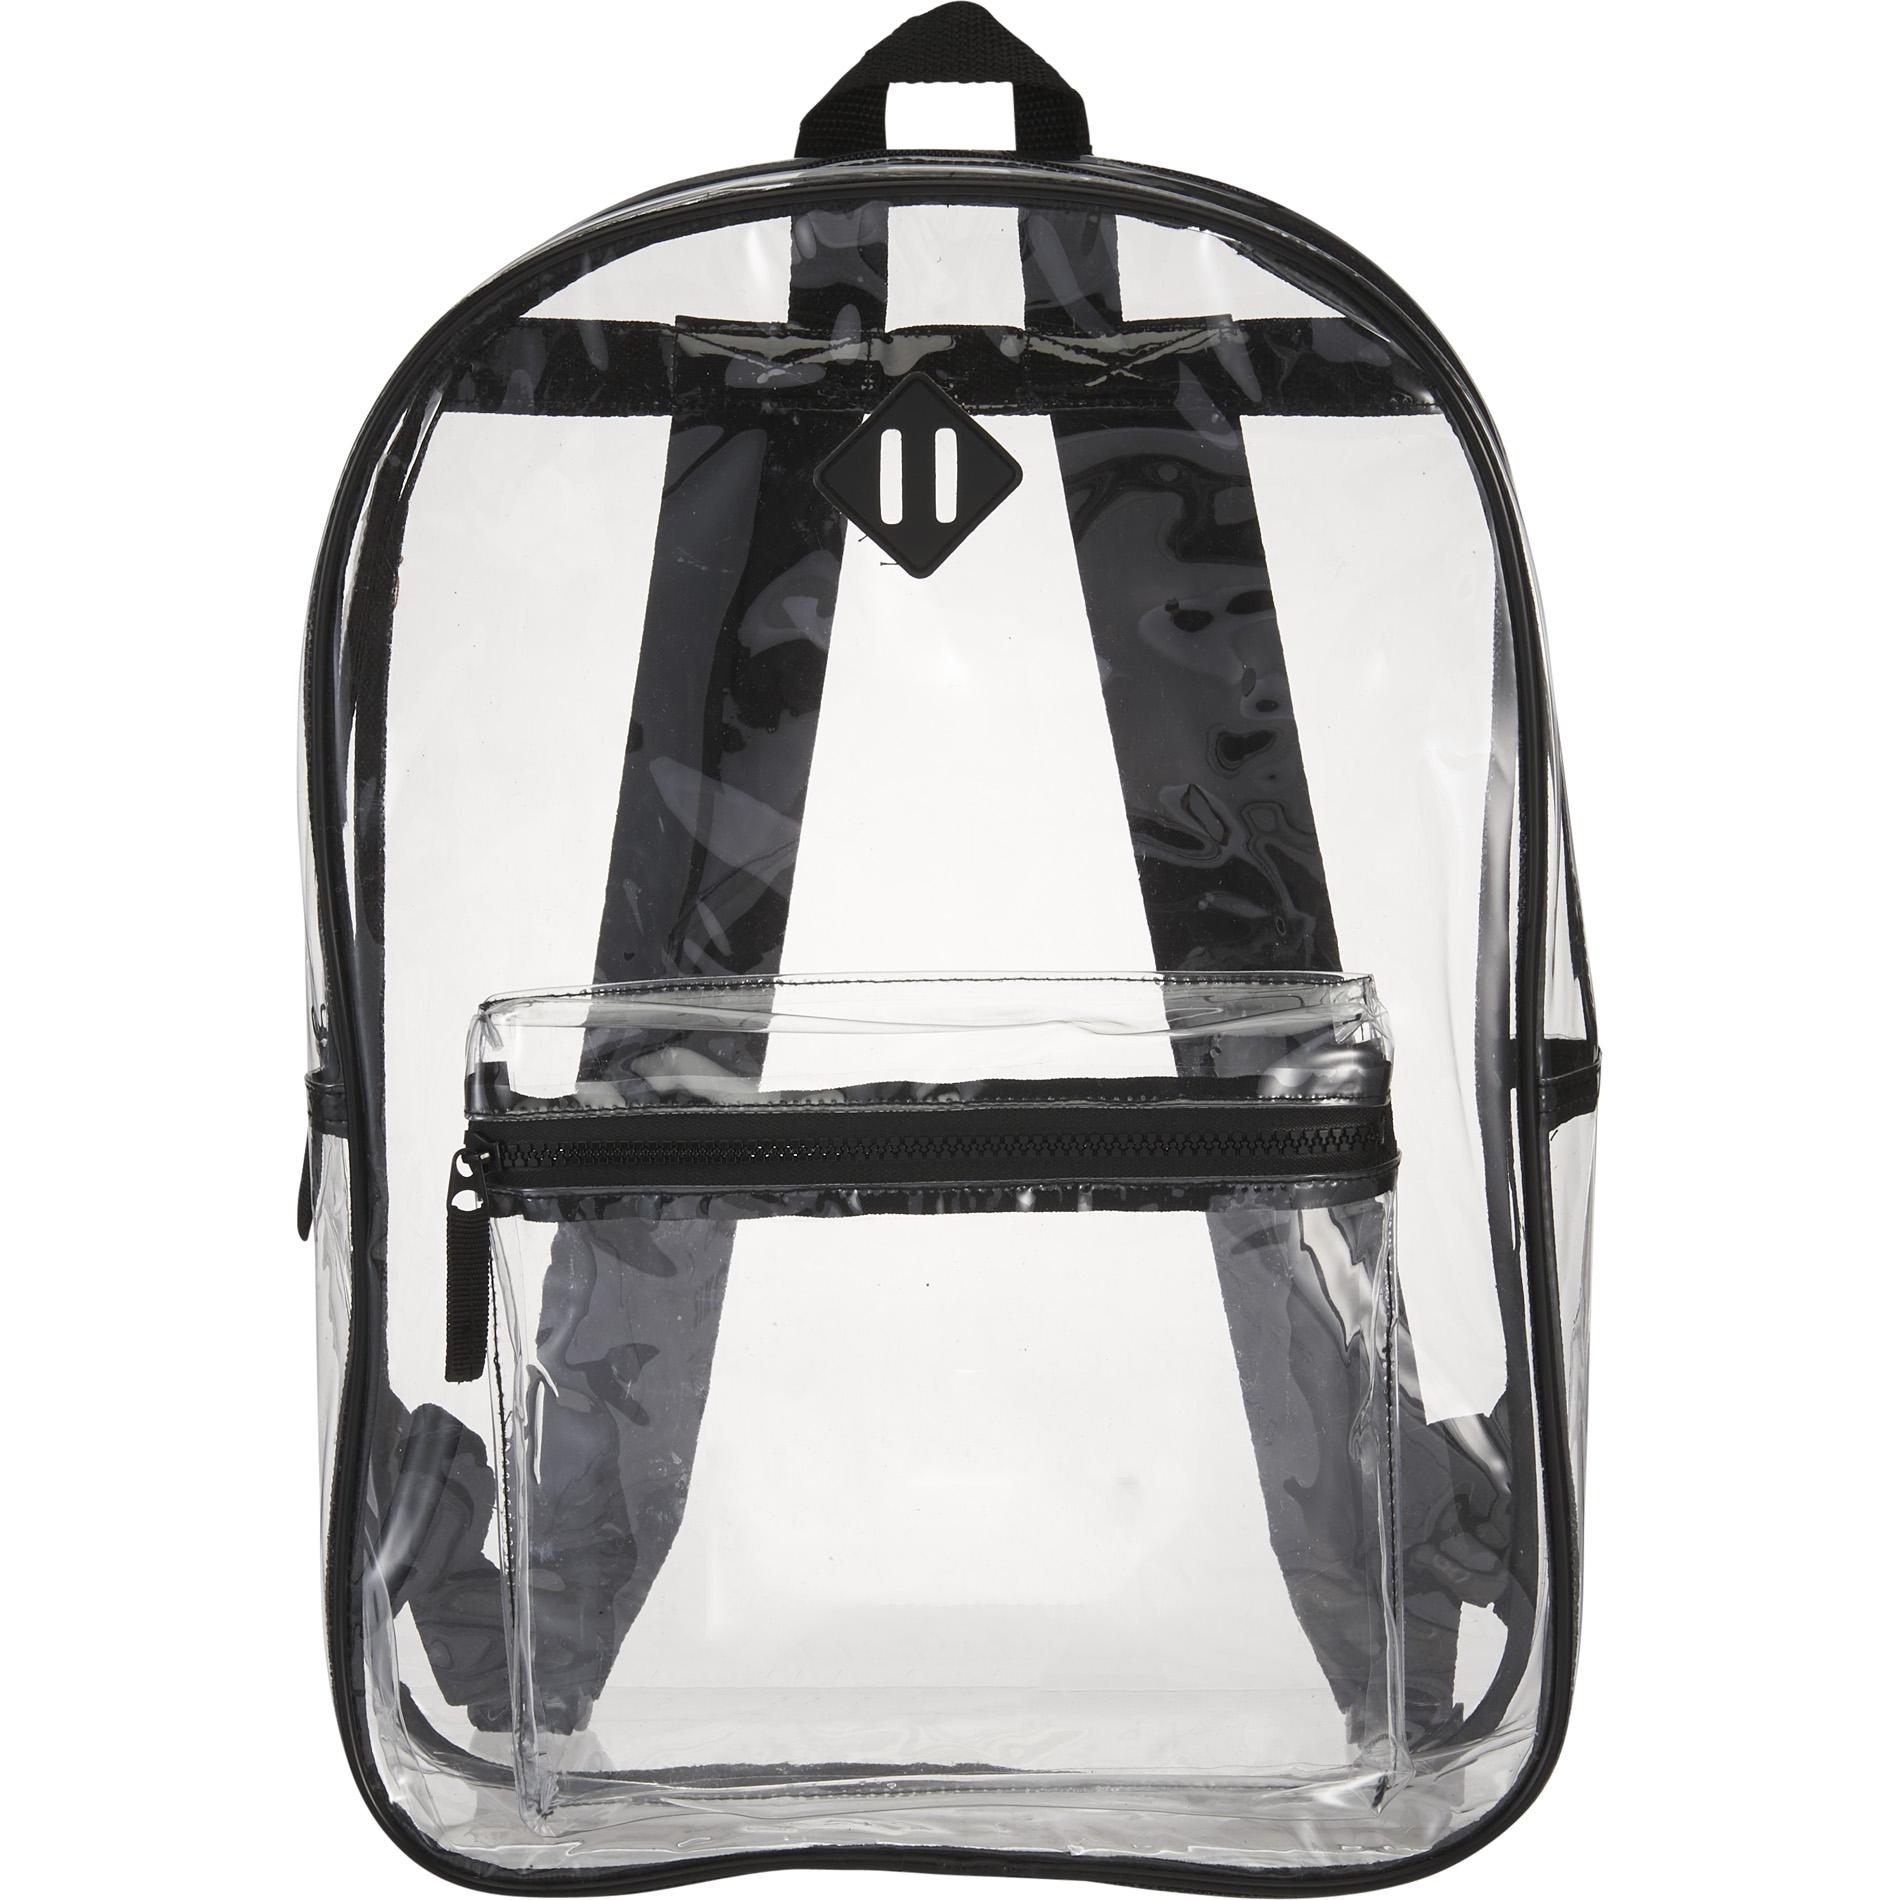 LEEDS 3450-92 - Bayside Translucent Backpack